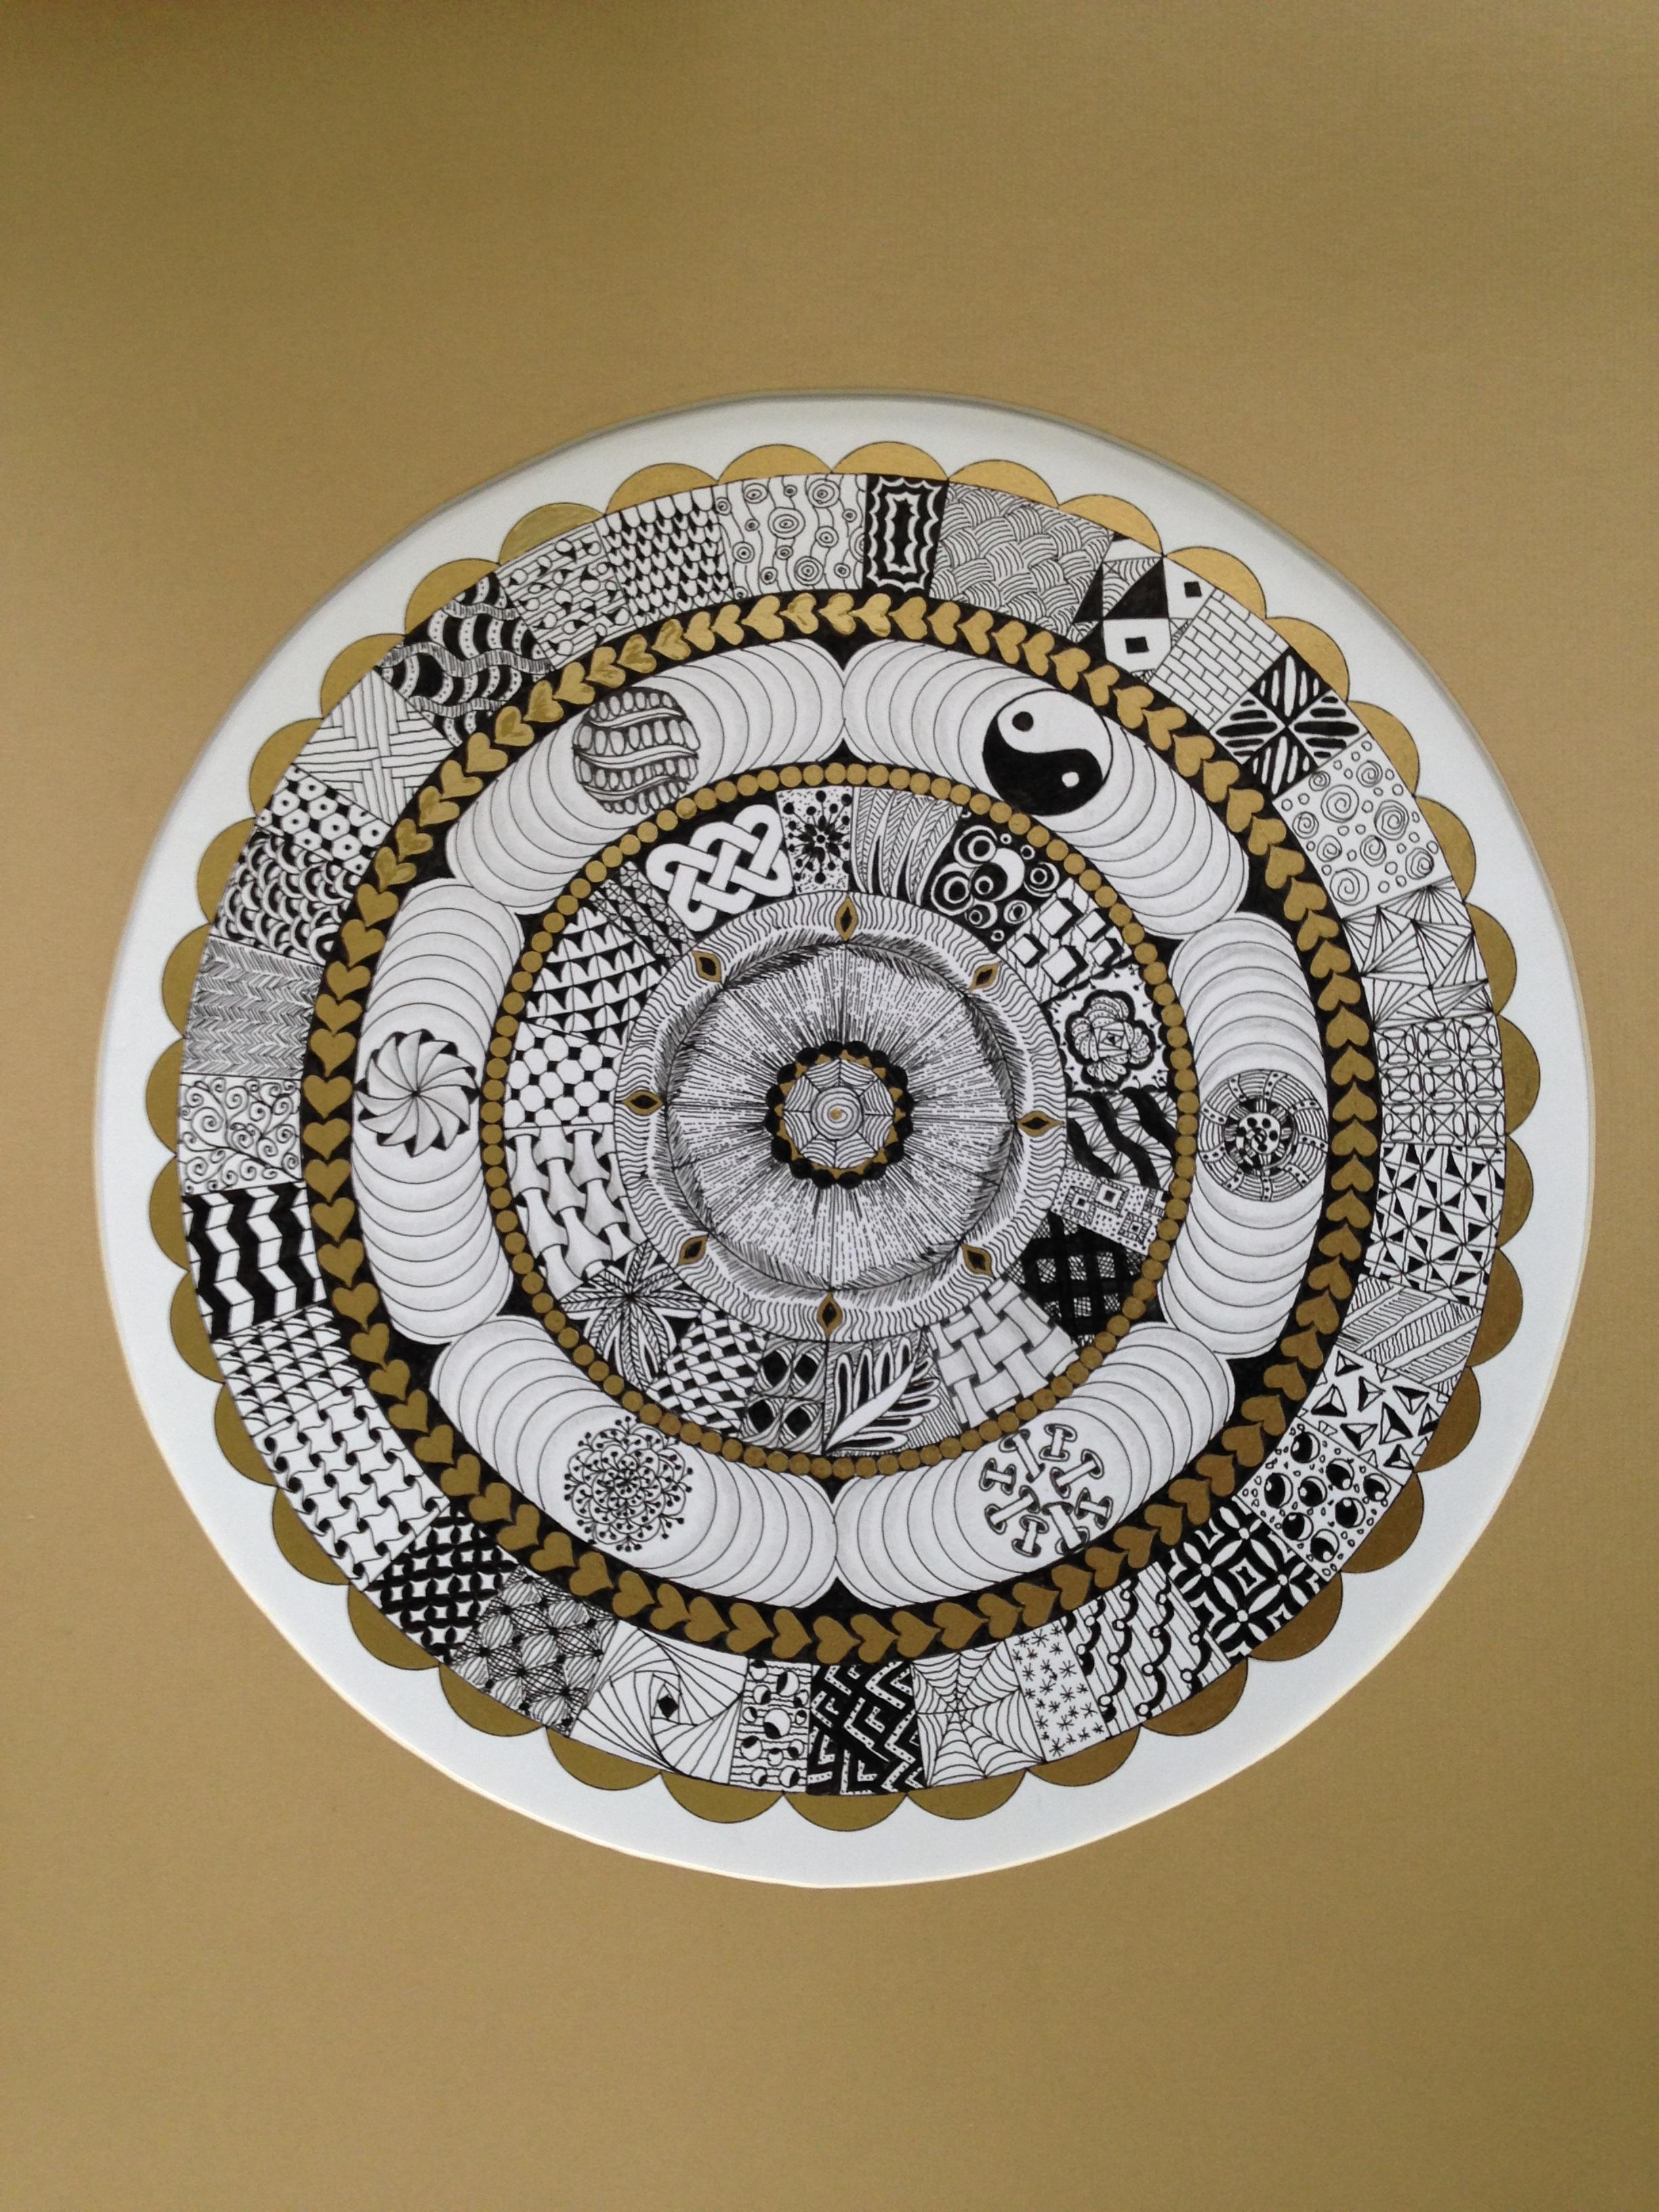 c2edbcd2c5d patroon cirkel textiel kunst tekening illustratie ontwerp vorm mandala  servies onderleggertje